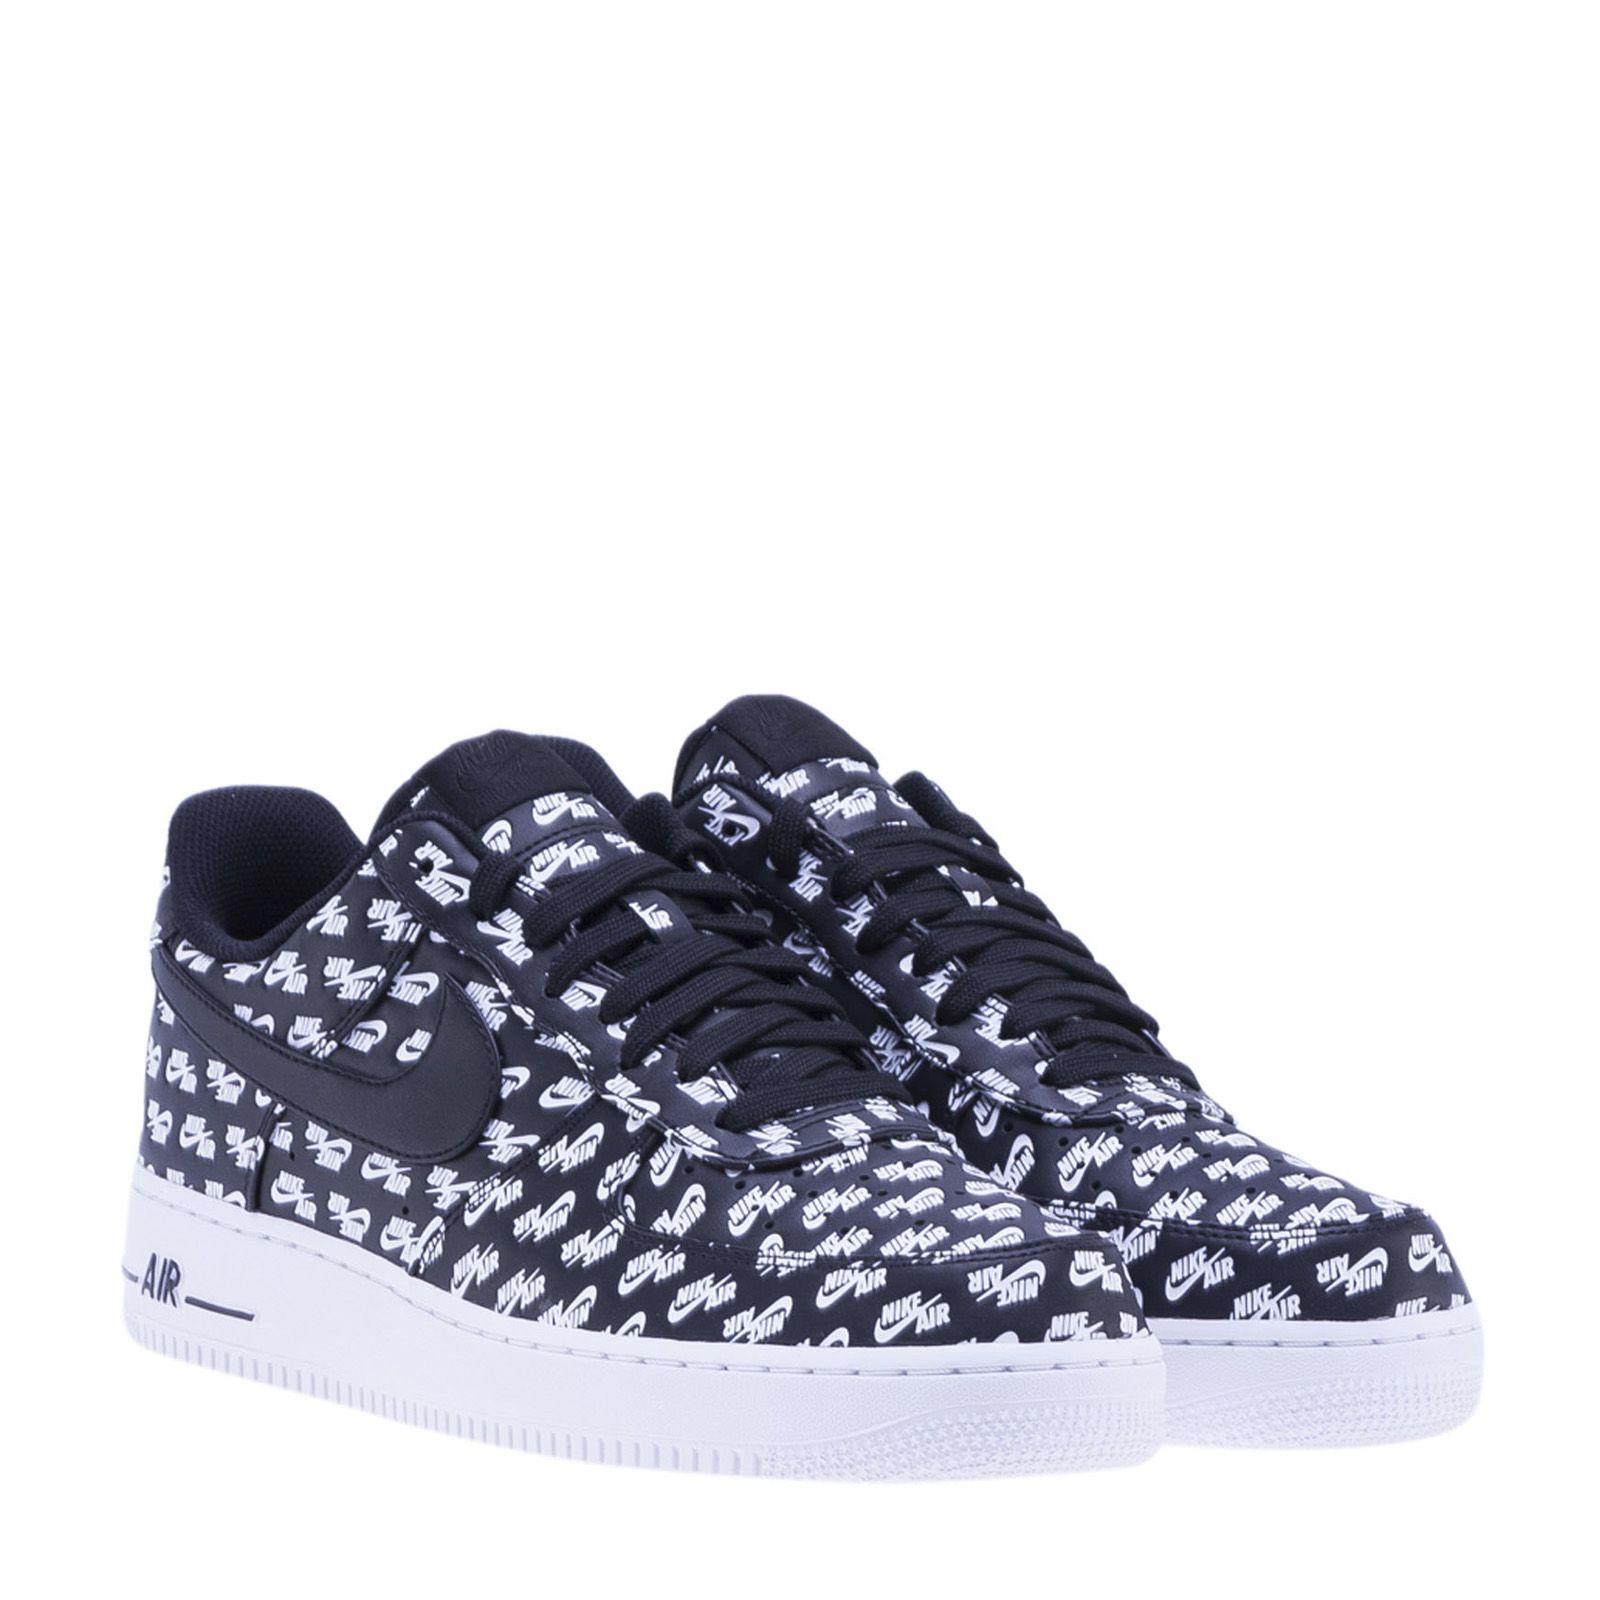 Nike Force 1 Sneakers